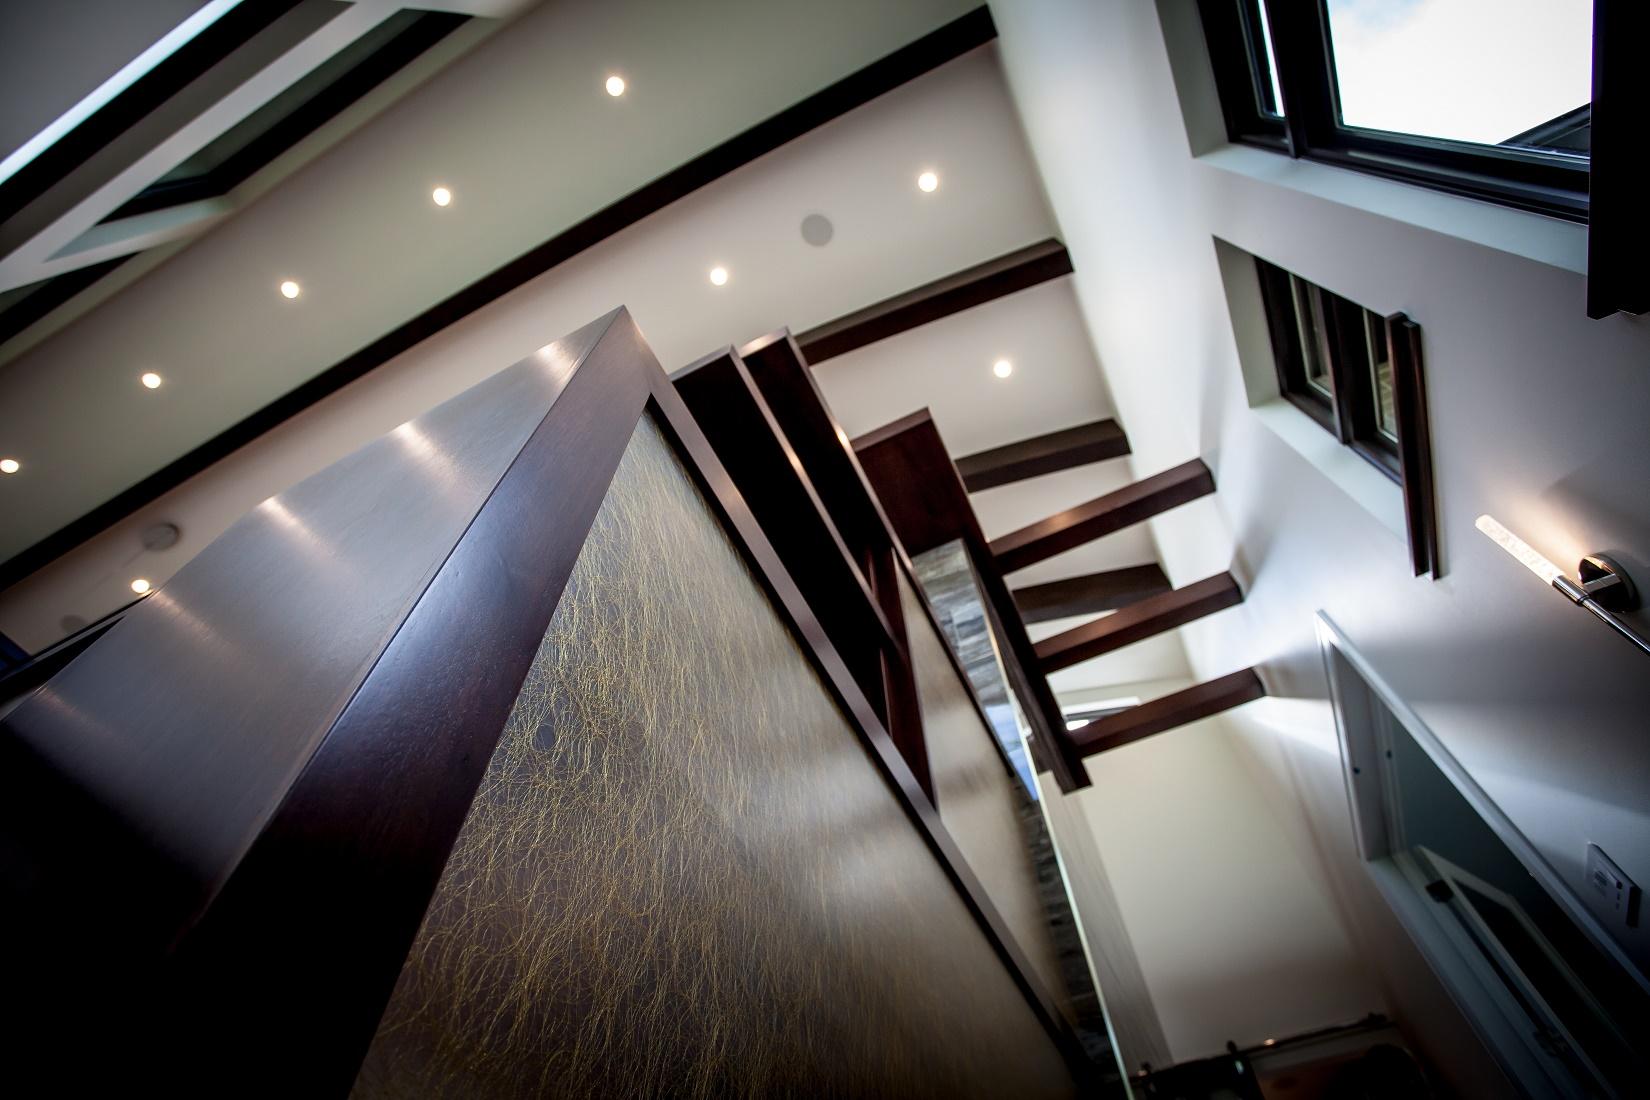 Rajput Ceiling Detail - Copy.jpg